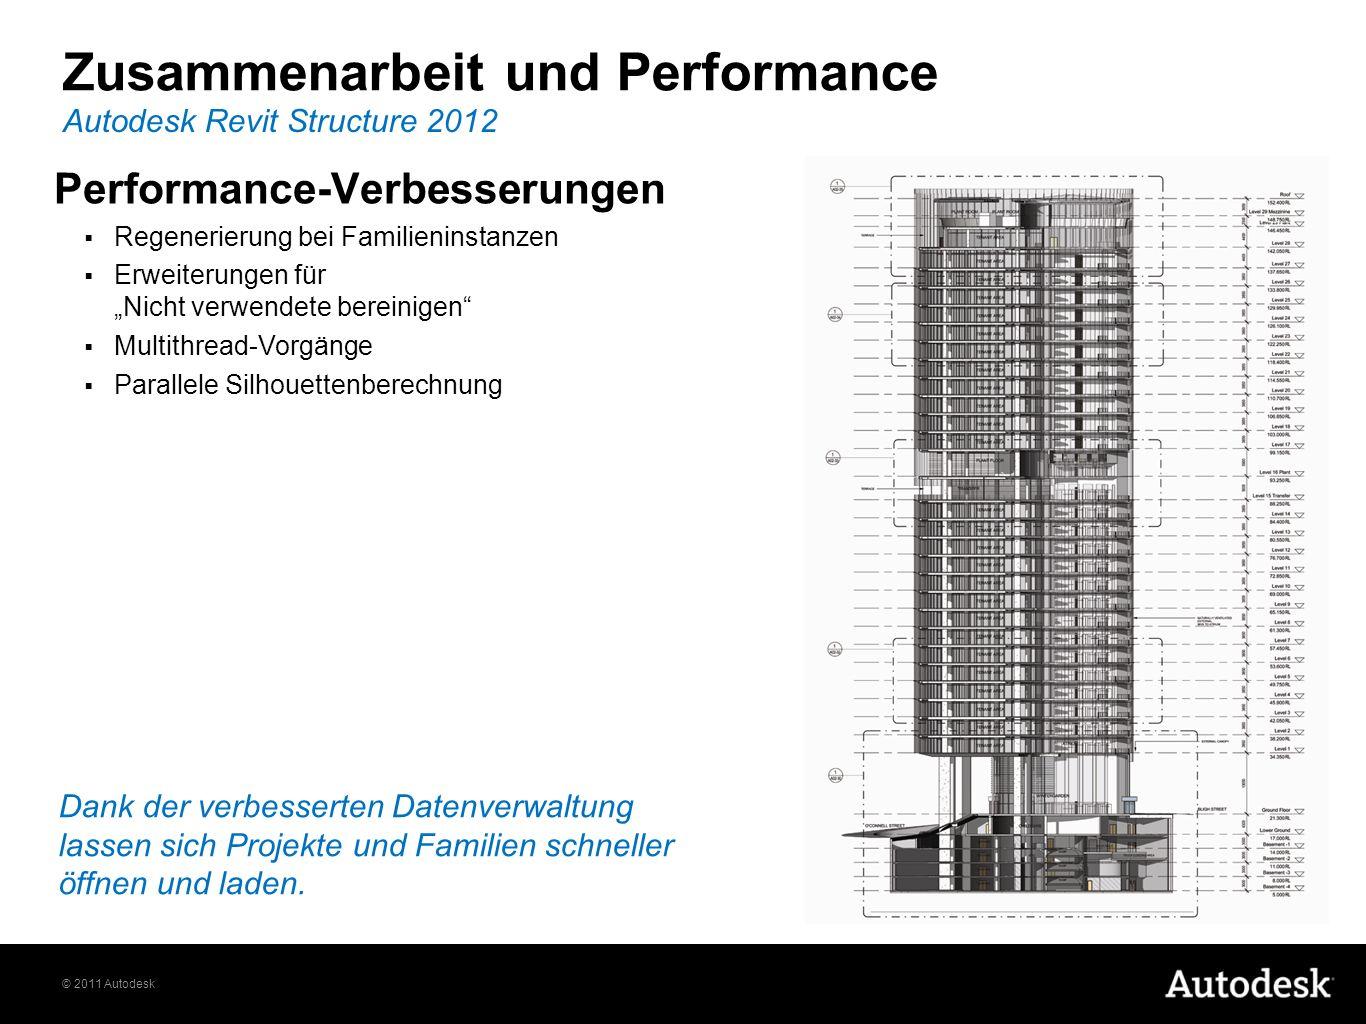 © 2011 Autodesk Zusammenarbeit und Performance Autodesk Revit Structure 2012 Performance-Verbesserungen Regenerierung bei Familieninstanzen Erweiterun